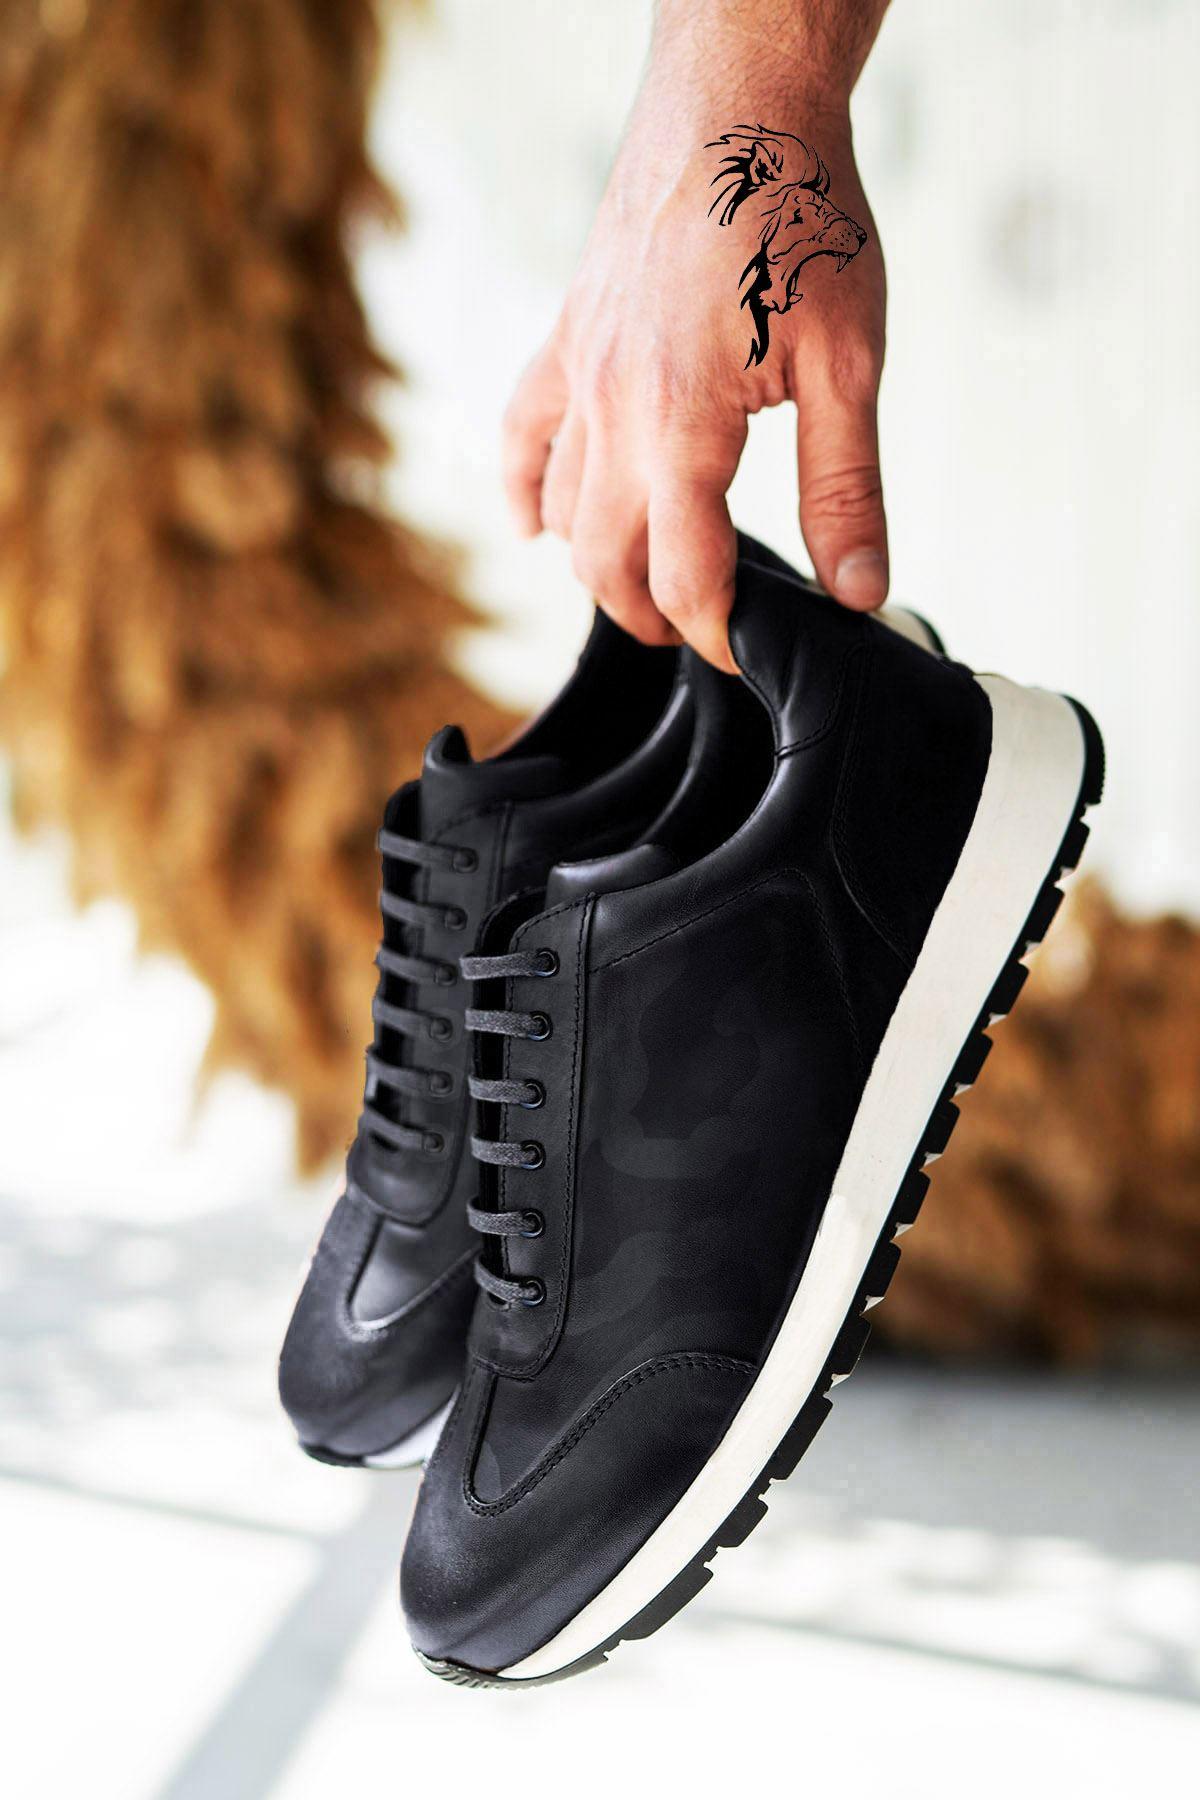 Siyah Beyaz Kamuflaj Hakiki Deri Erkek Spor Ayakkabı